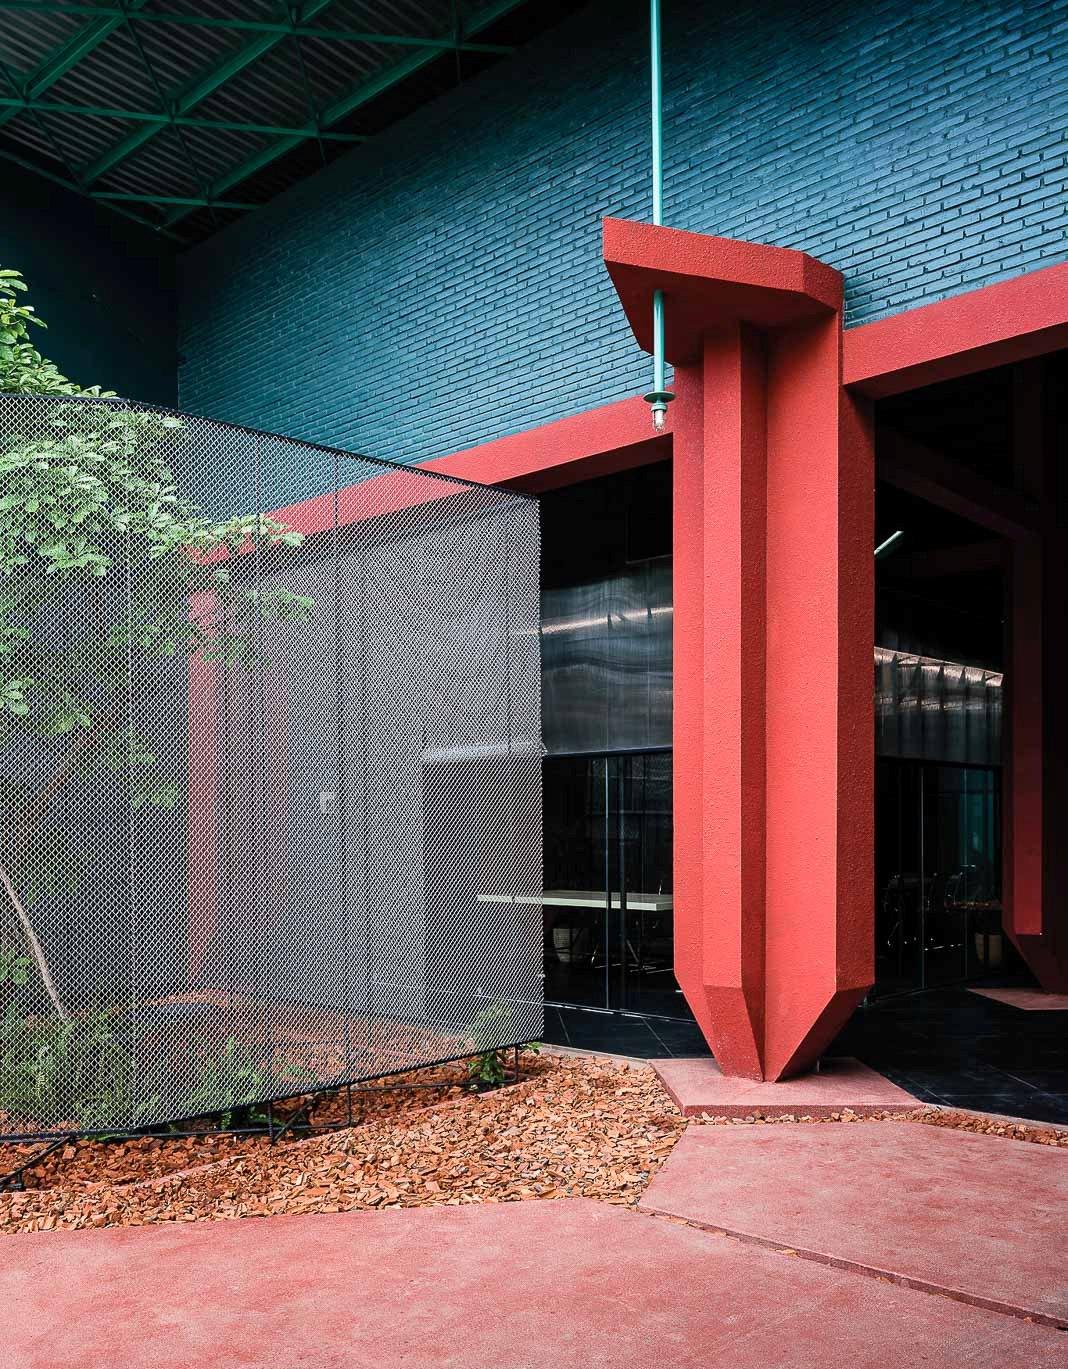 Khối nằm trong khối - dự án cải tạo văn phòng Công ty Asifac